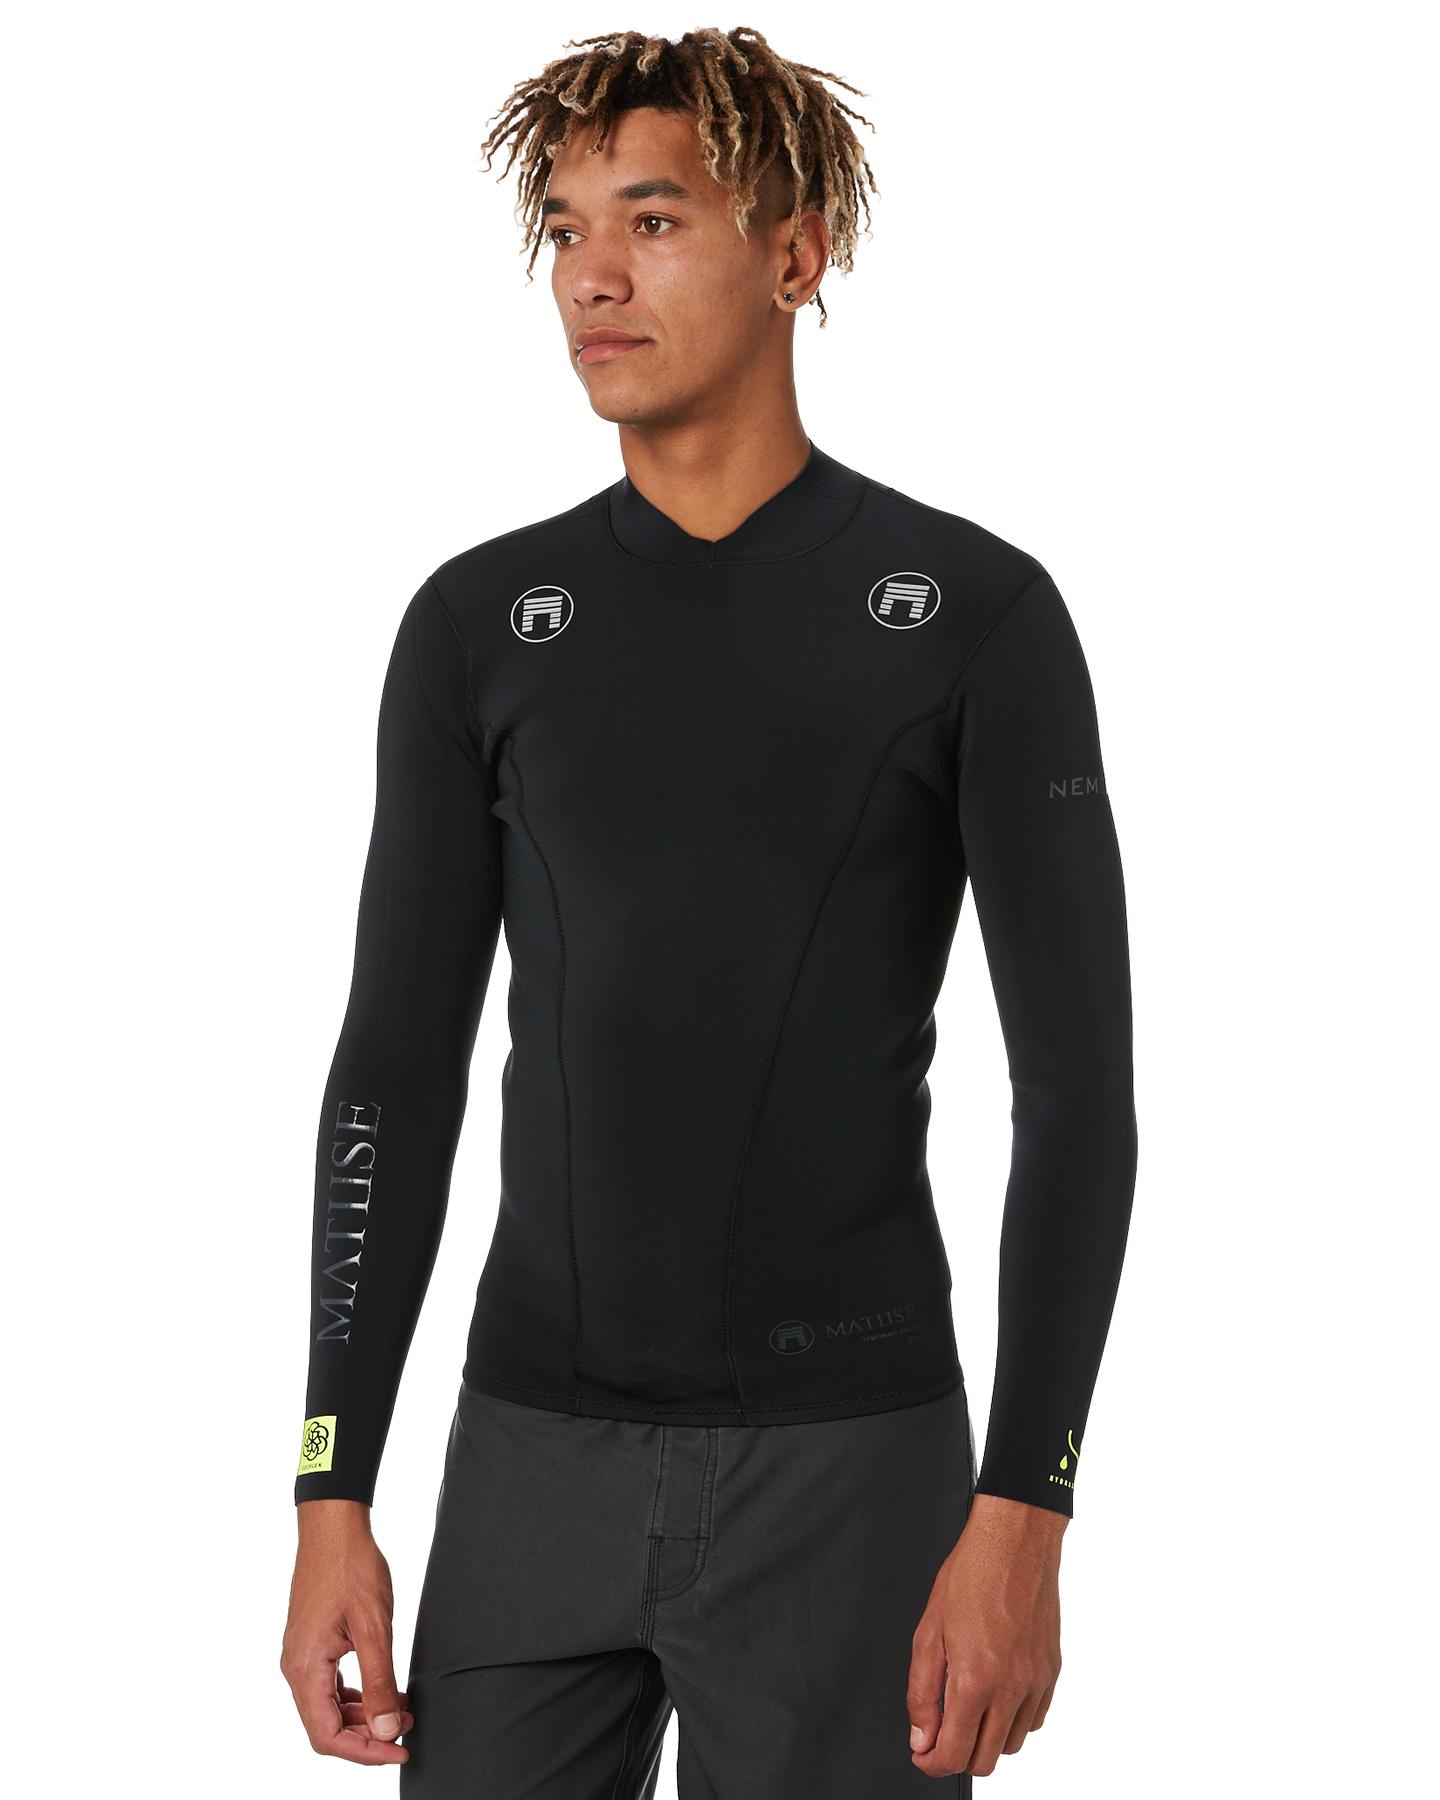 Matuse Nemean Hydrasilk 2Mm Ls Wetsuit Vest Black